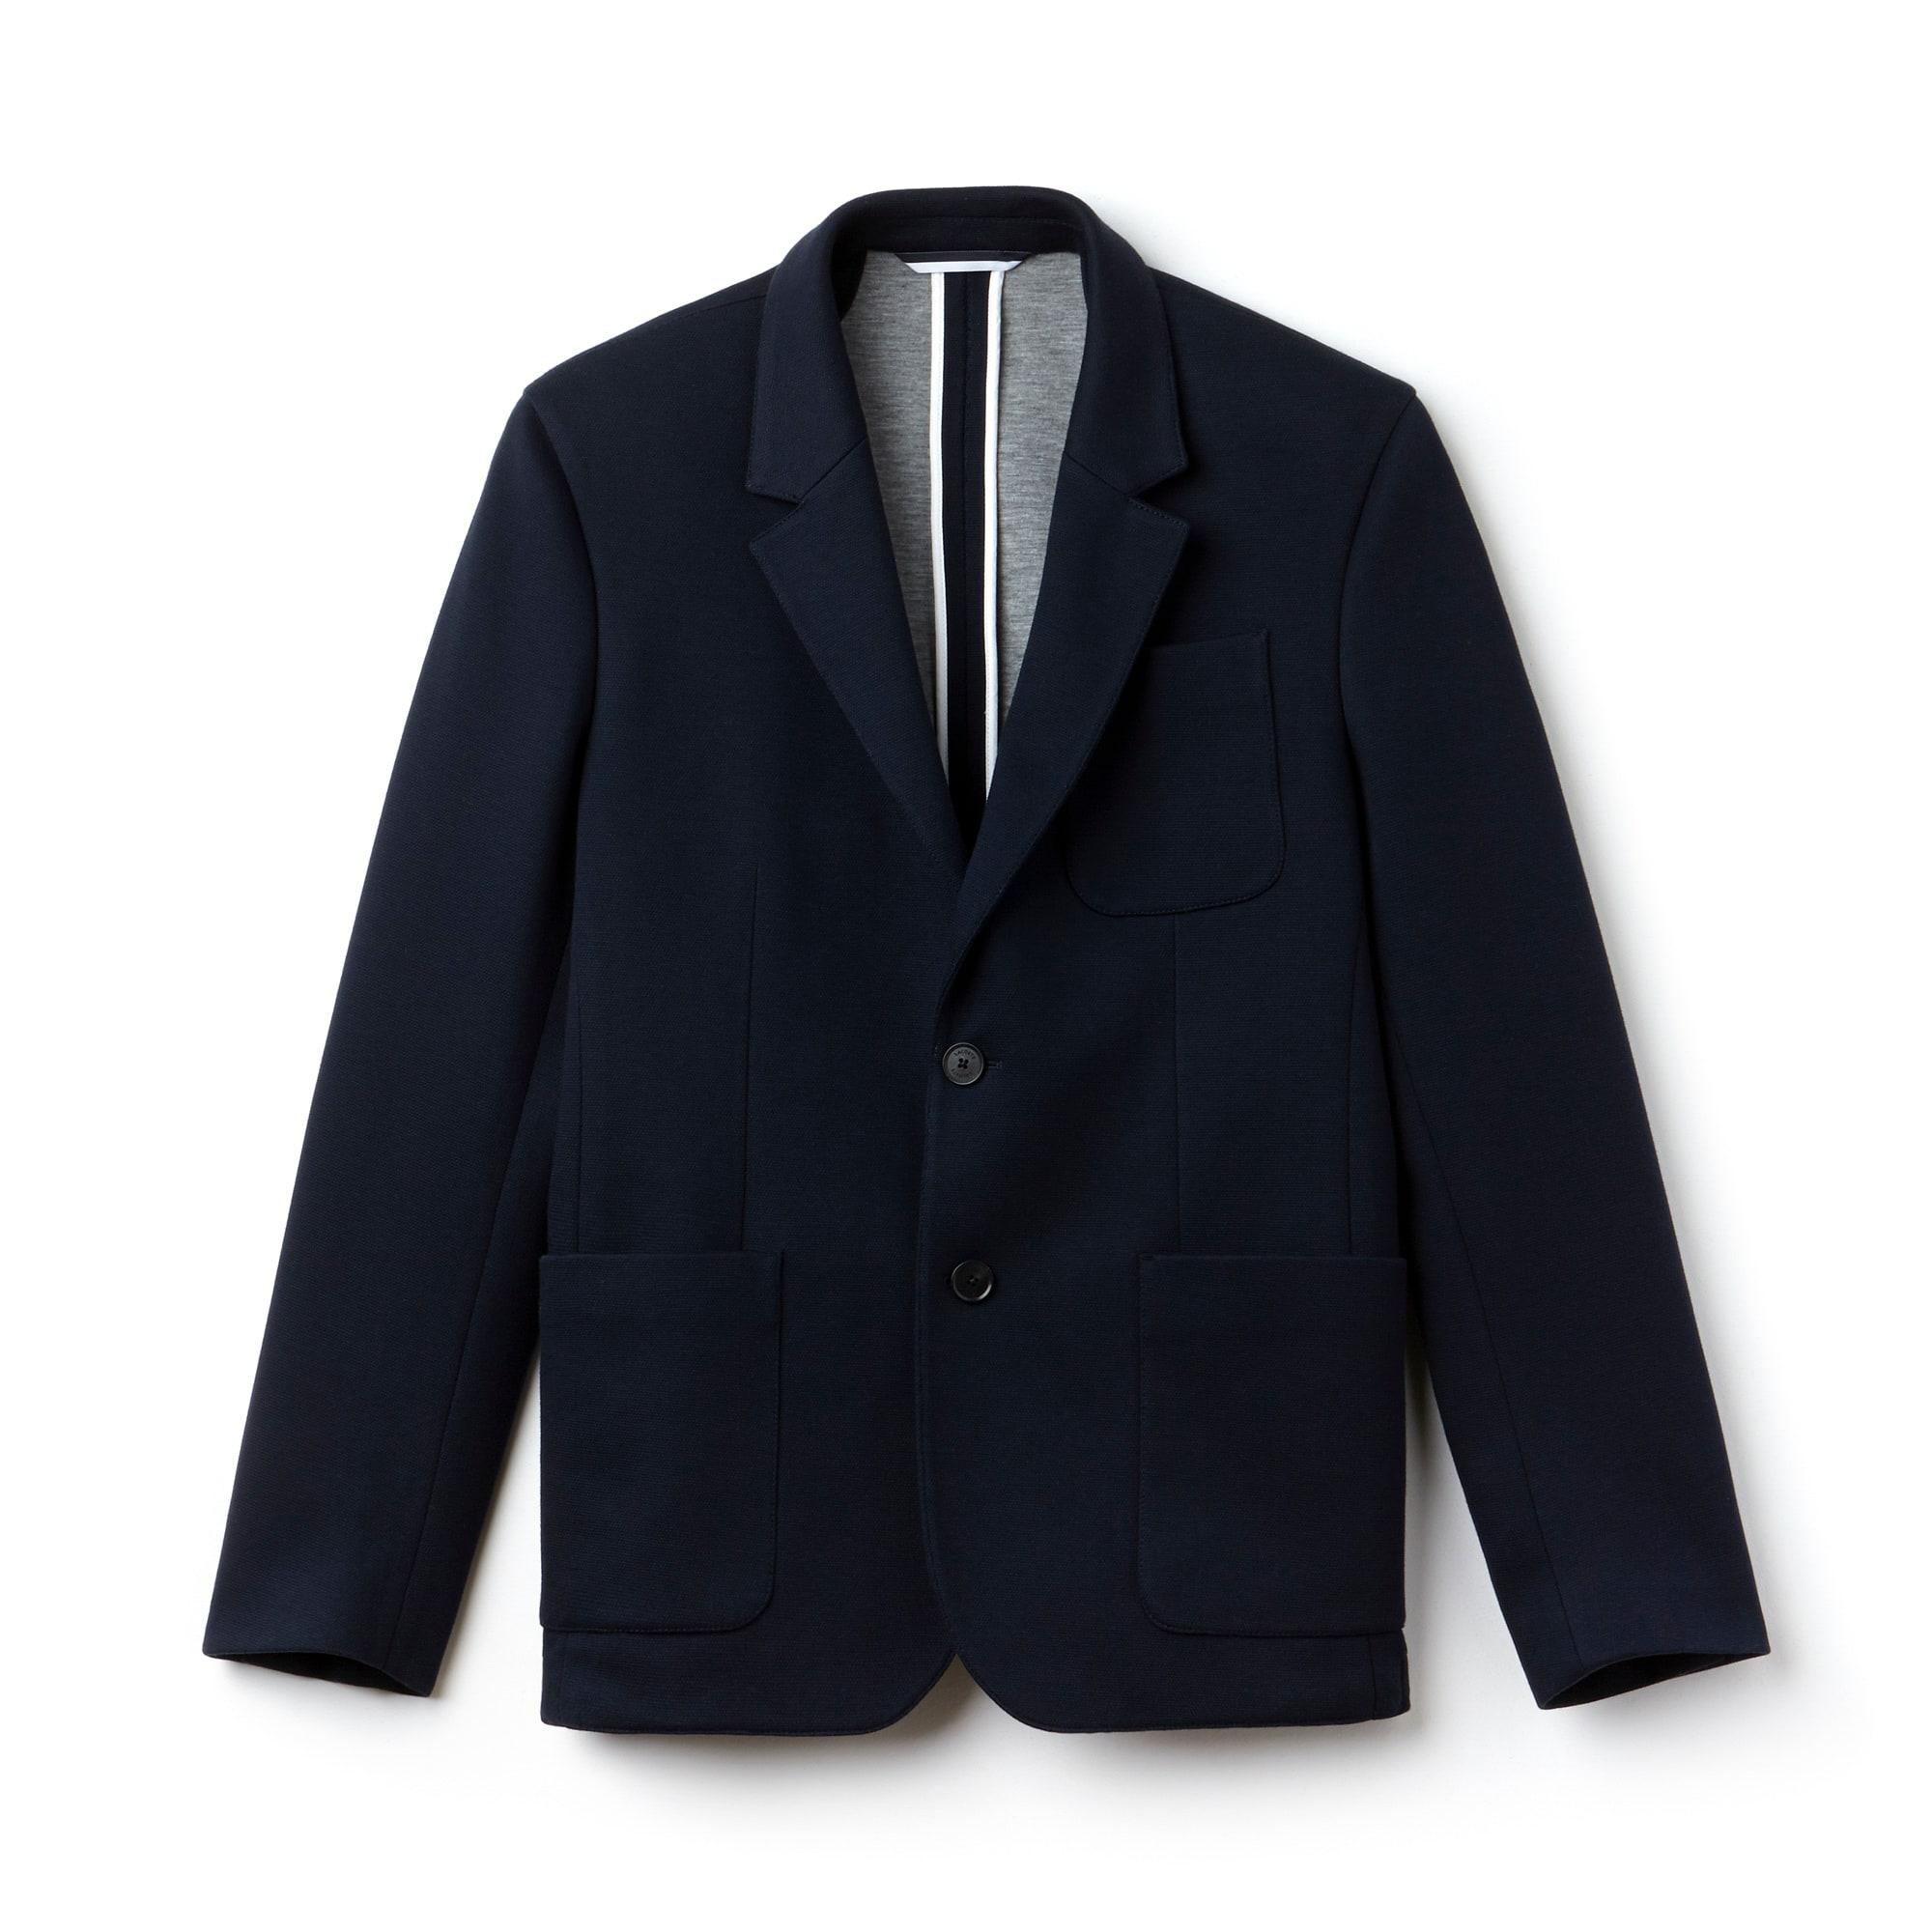 라코스테 Lacoste Mens Regular Fit Cotton Pique Jacket,Navy Blue